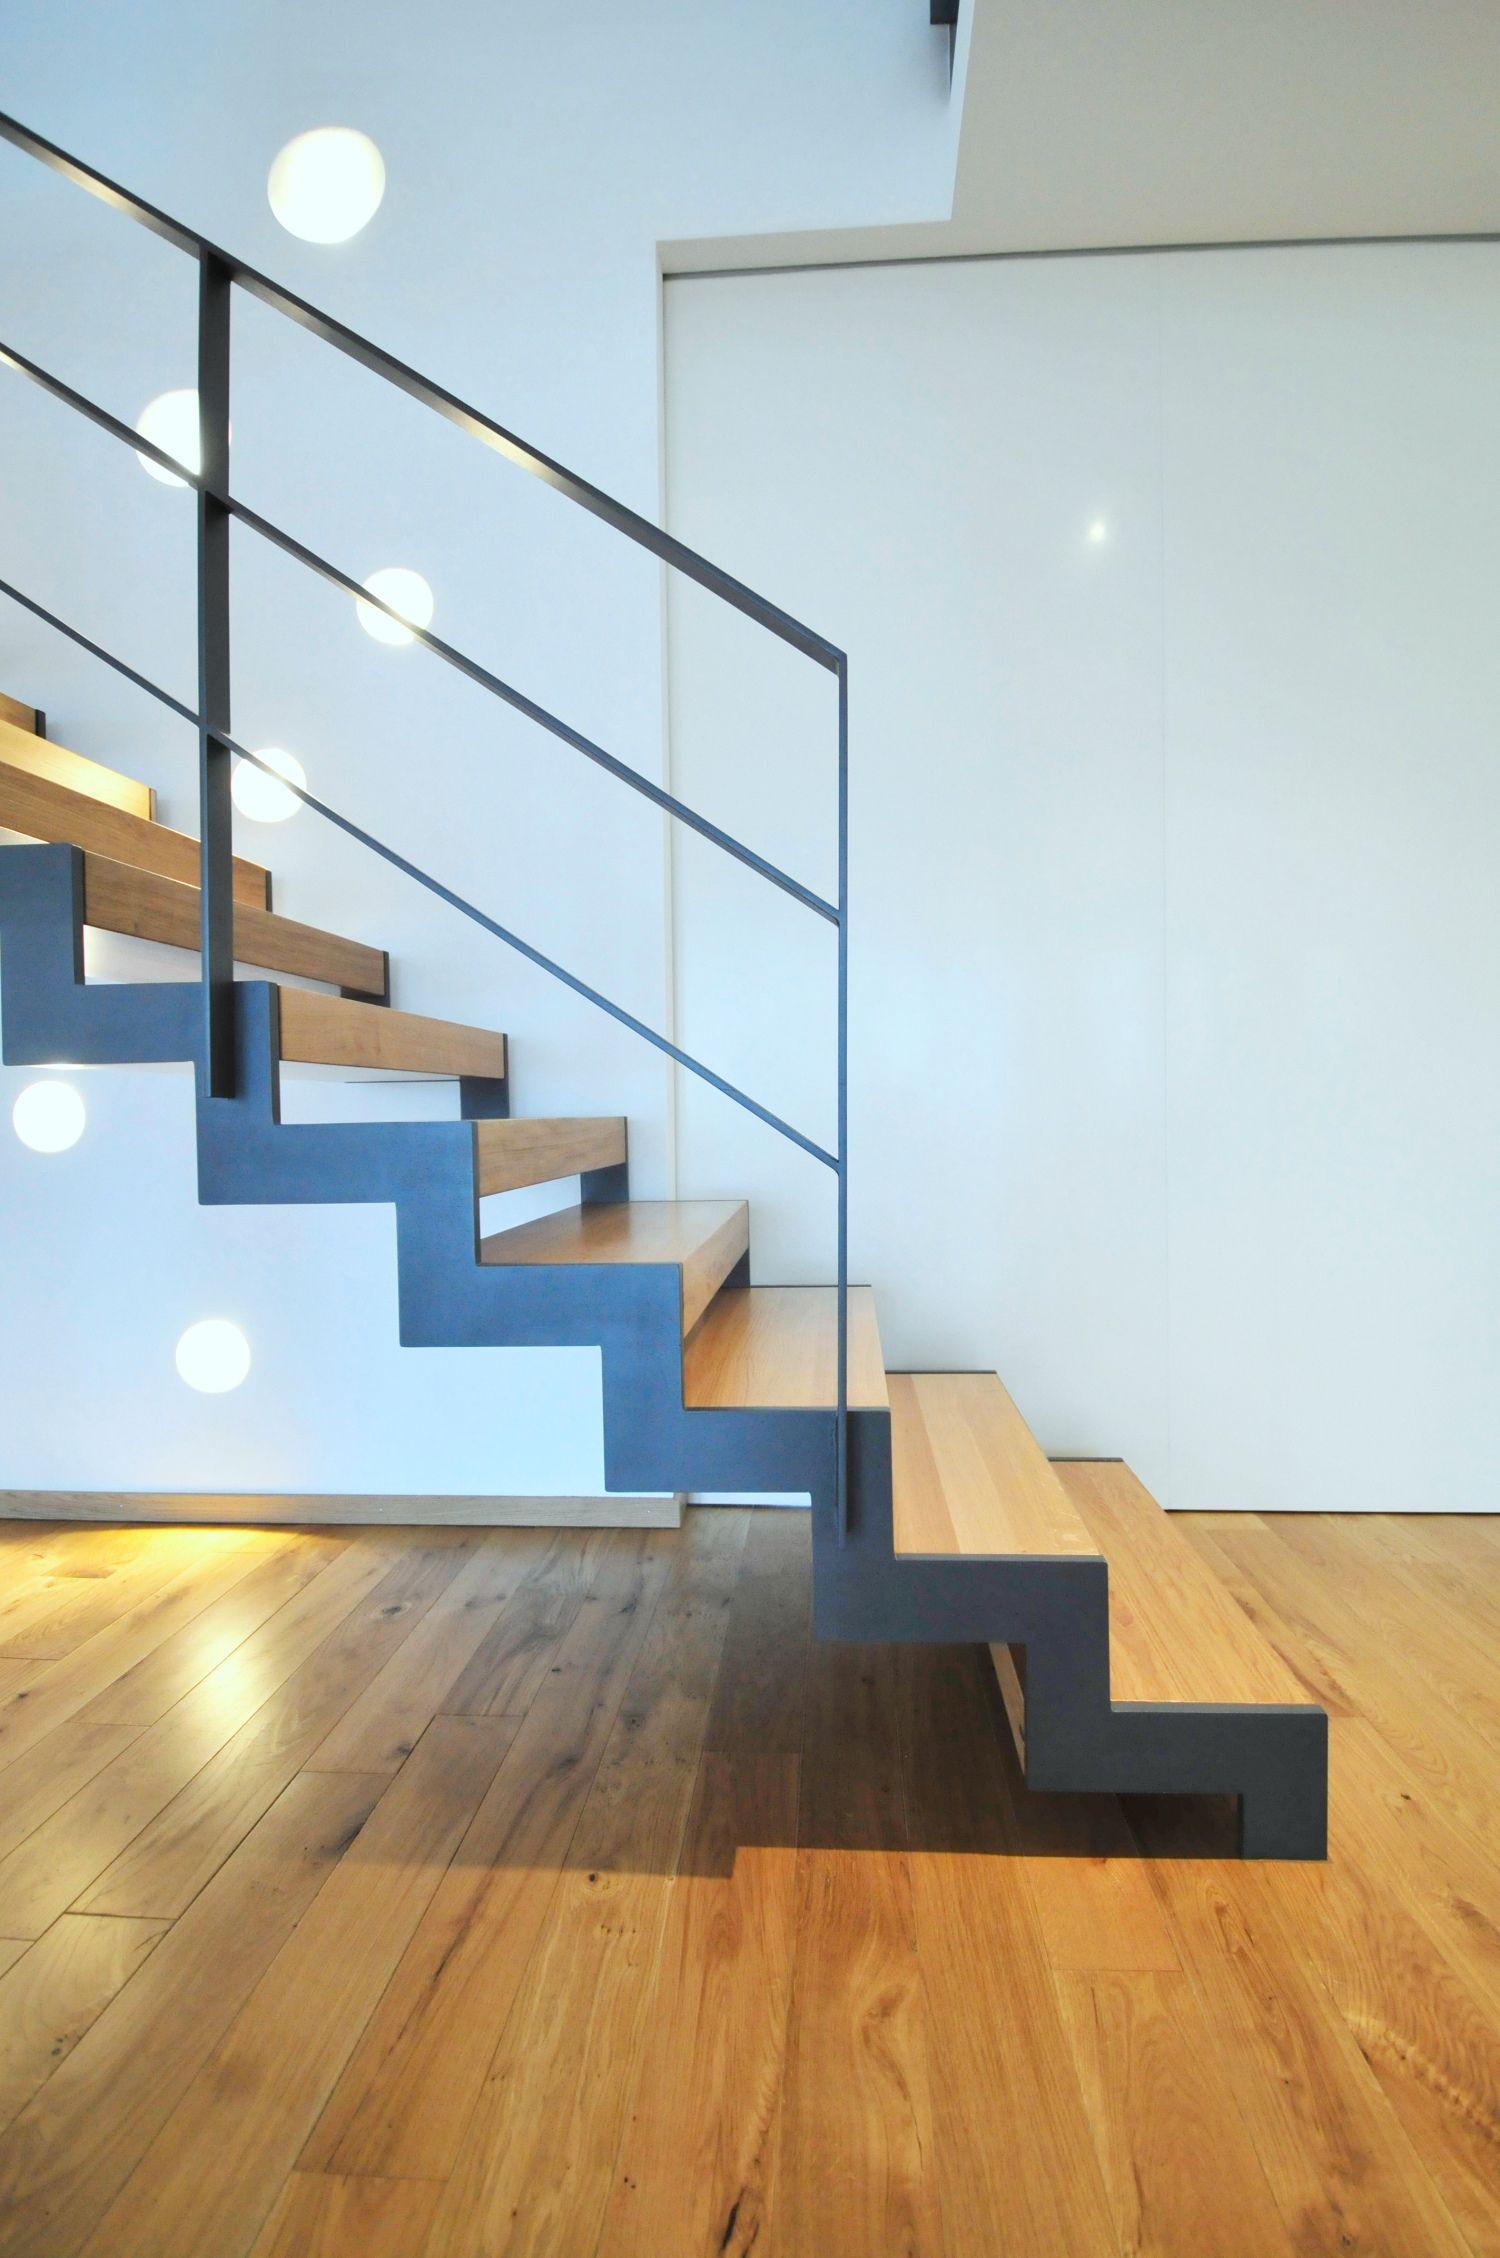 Stahltreppe 25-02-k … | Pinteres…